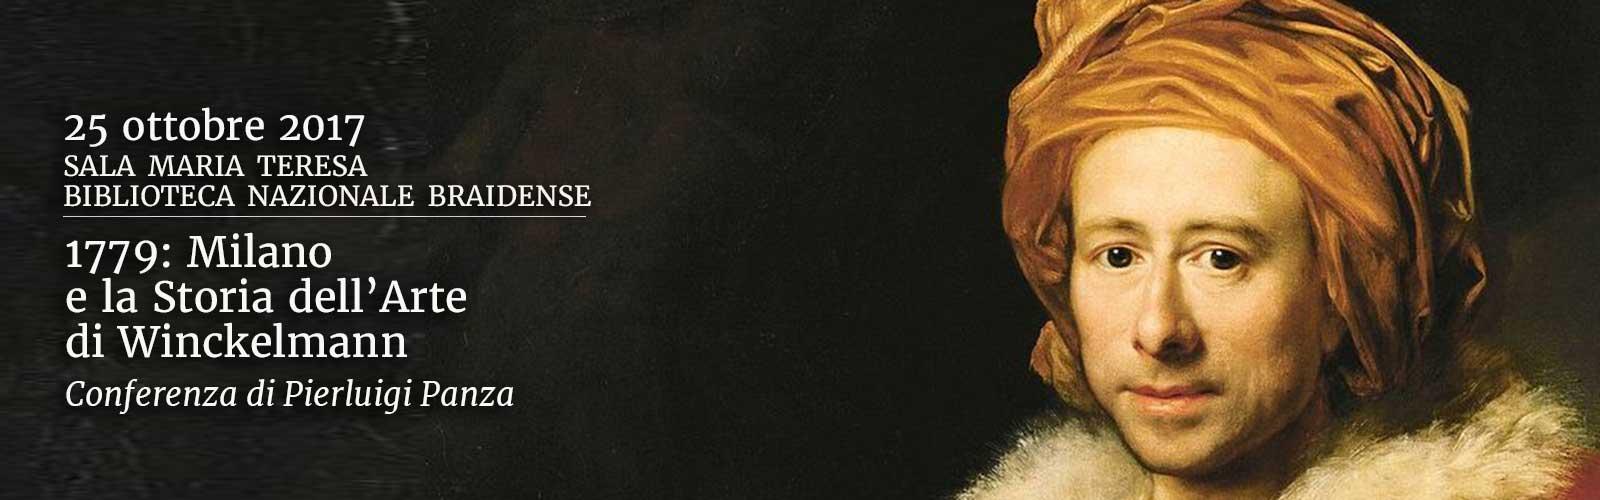 1779: Milano e la Storia dell'Arte di Winckelmann